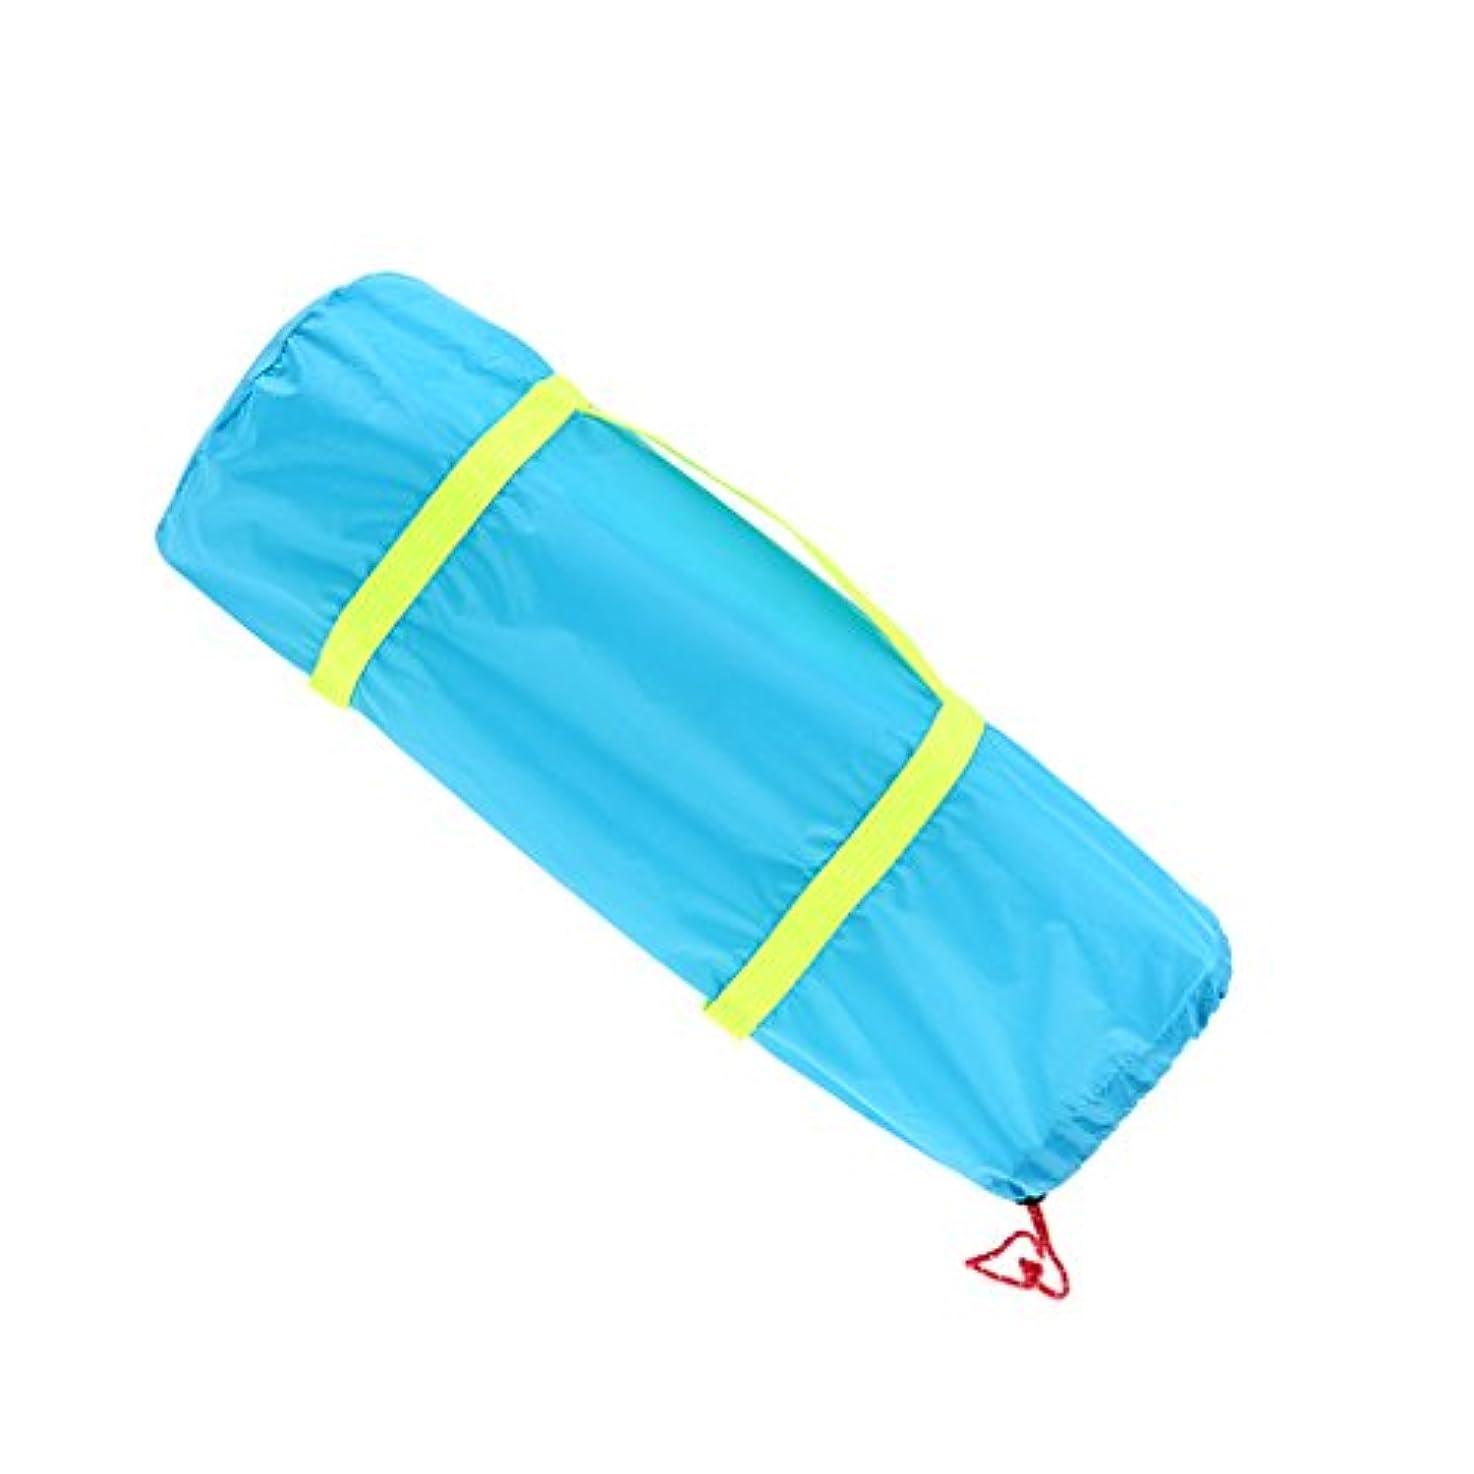 頬先入観海嶺Fityle 登山 テント圧縮サック 収納バッグ キャンプ 旅行 ハイキング用 全3色